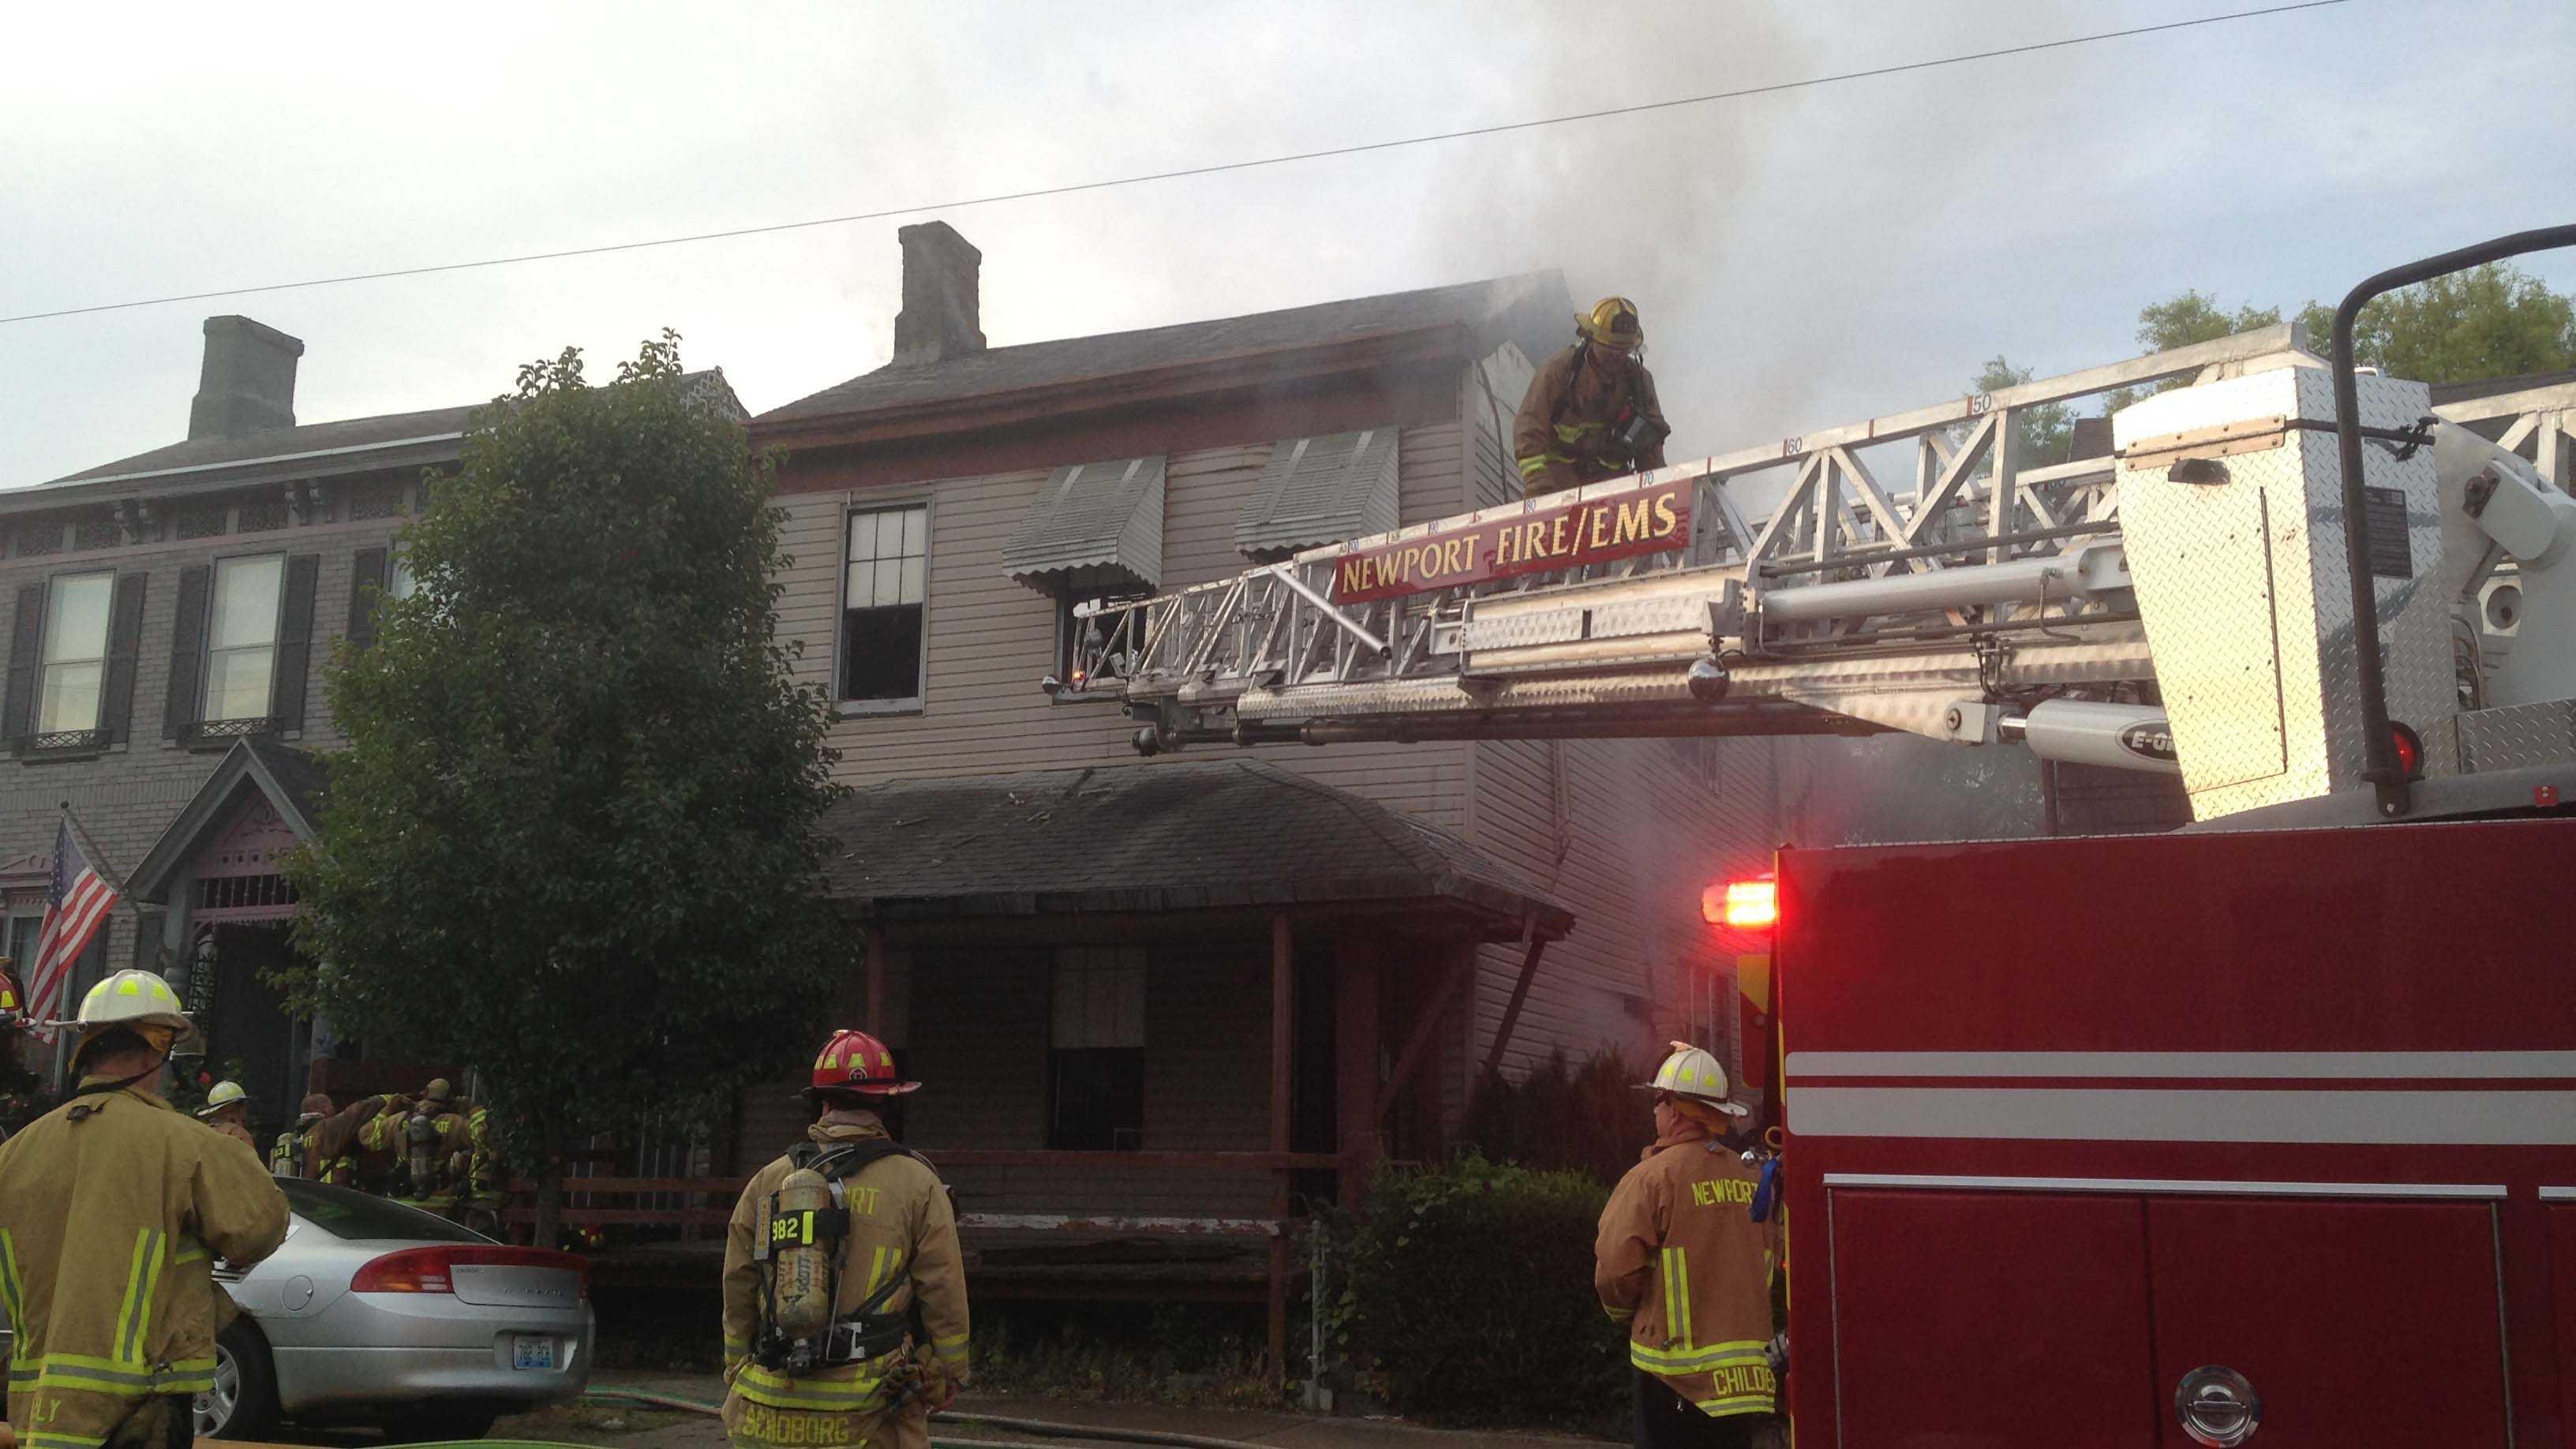 Newport fire 7-18-14.jpg